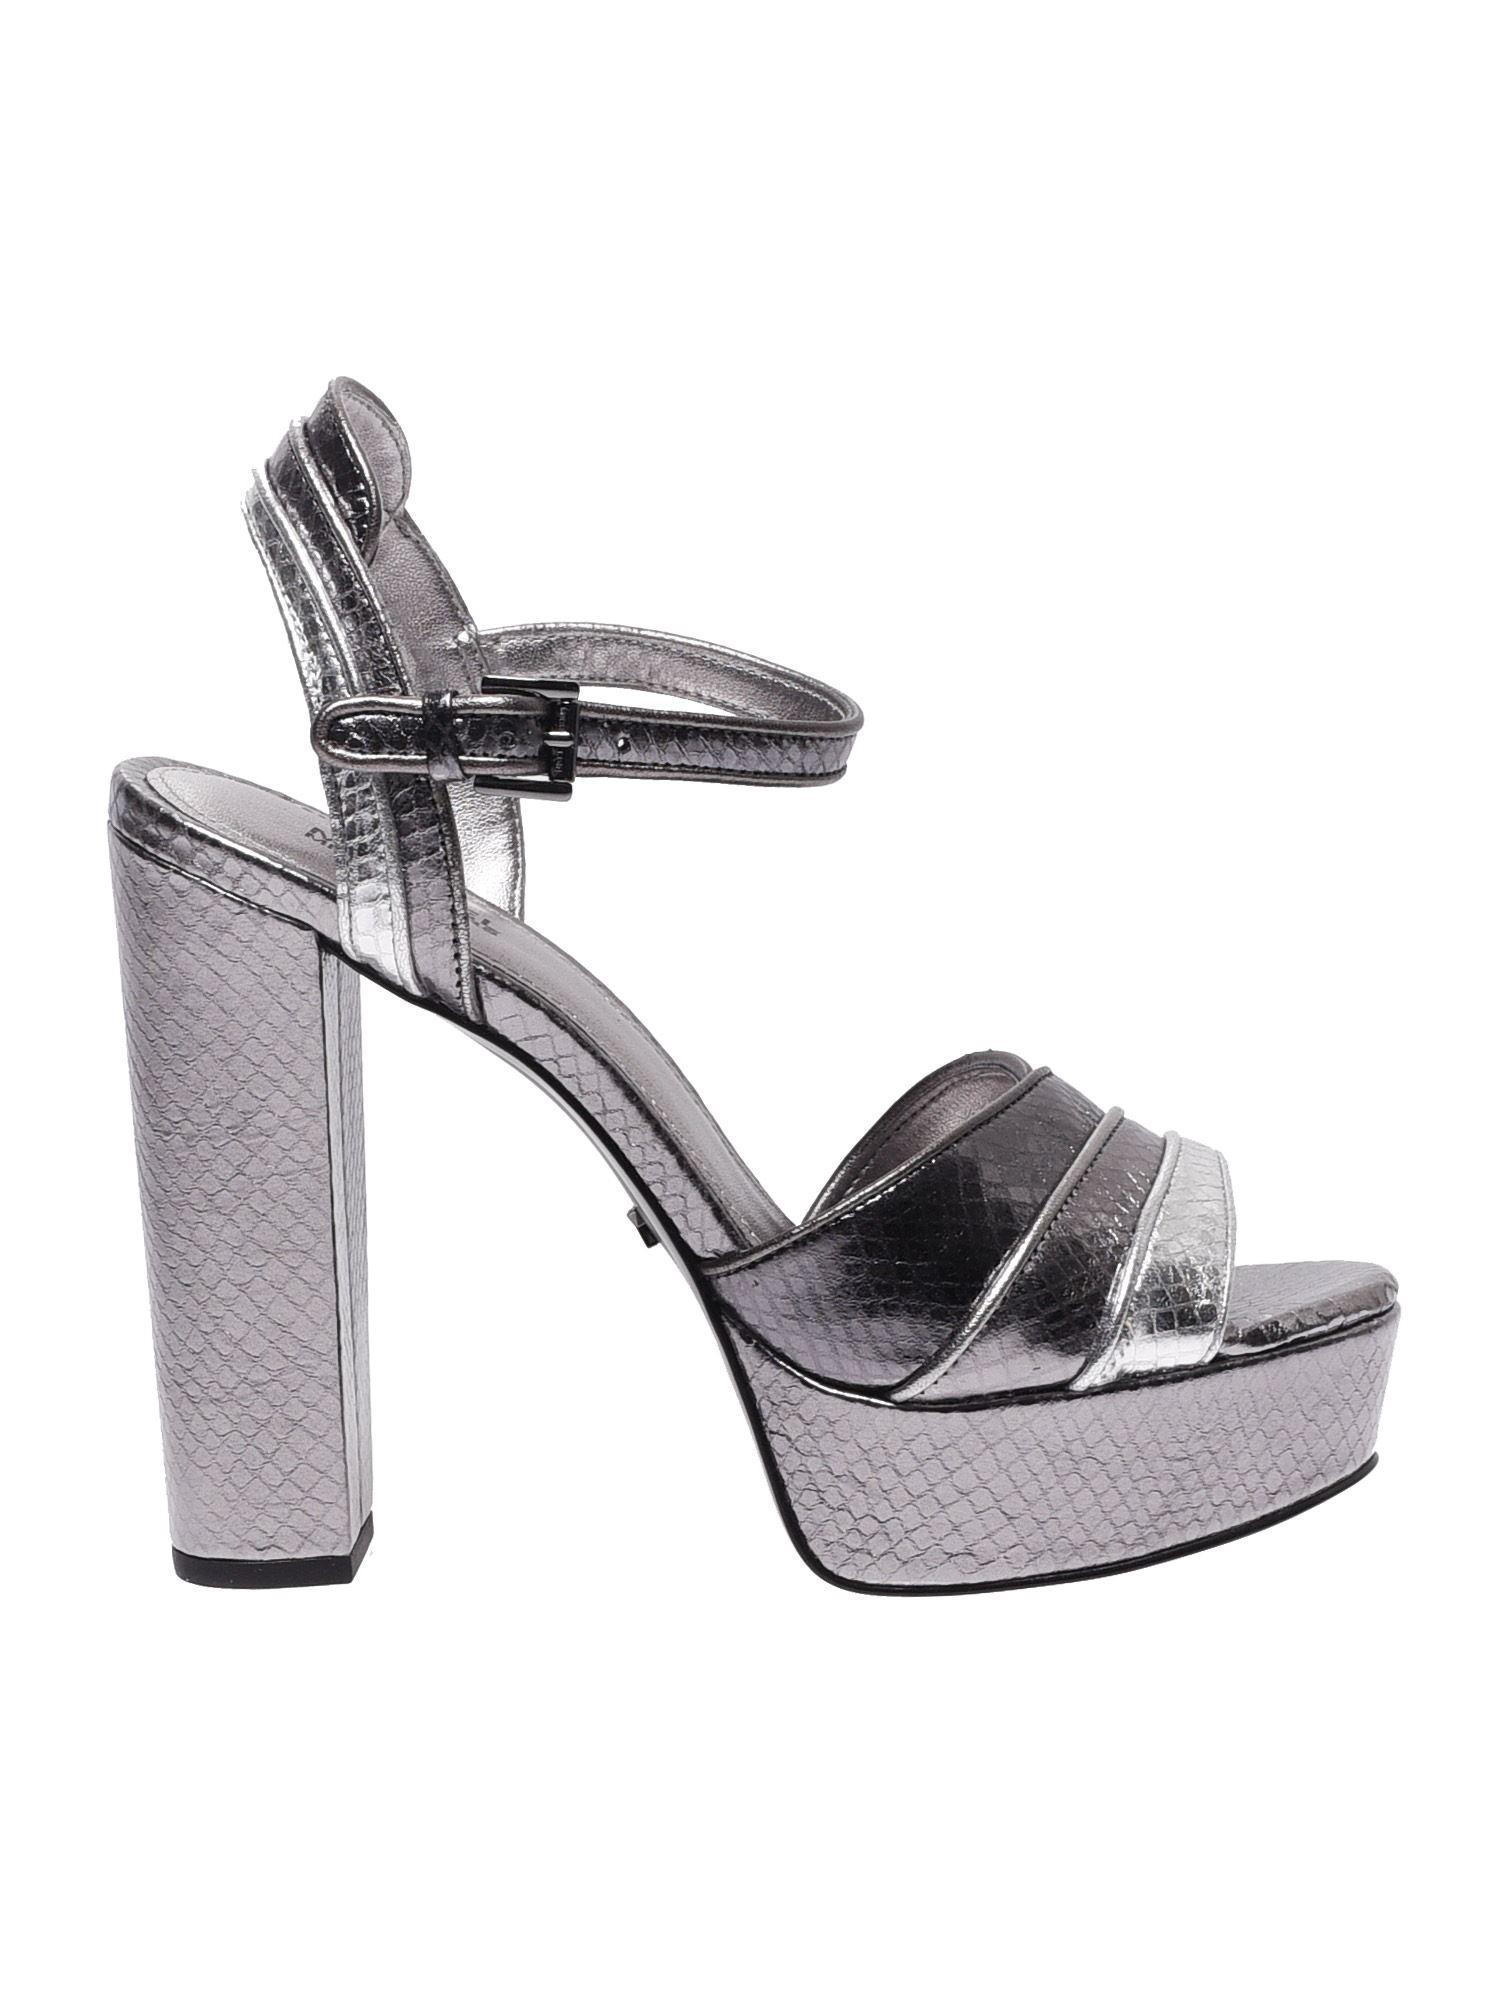 881c6fb9afe8 Lyst - Michael Kors Harper Platform Sandals In Silver Leather in ...